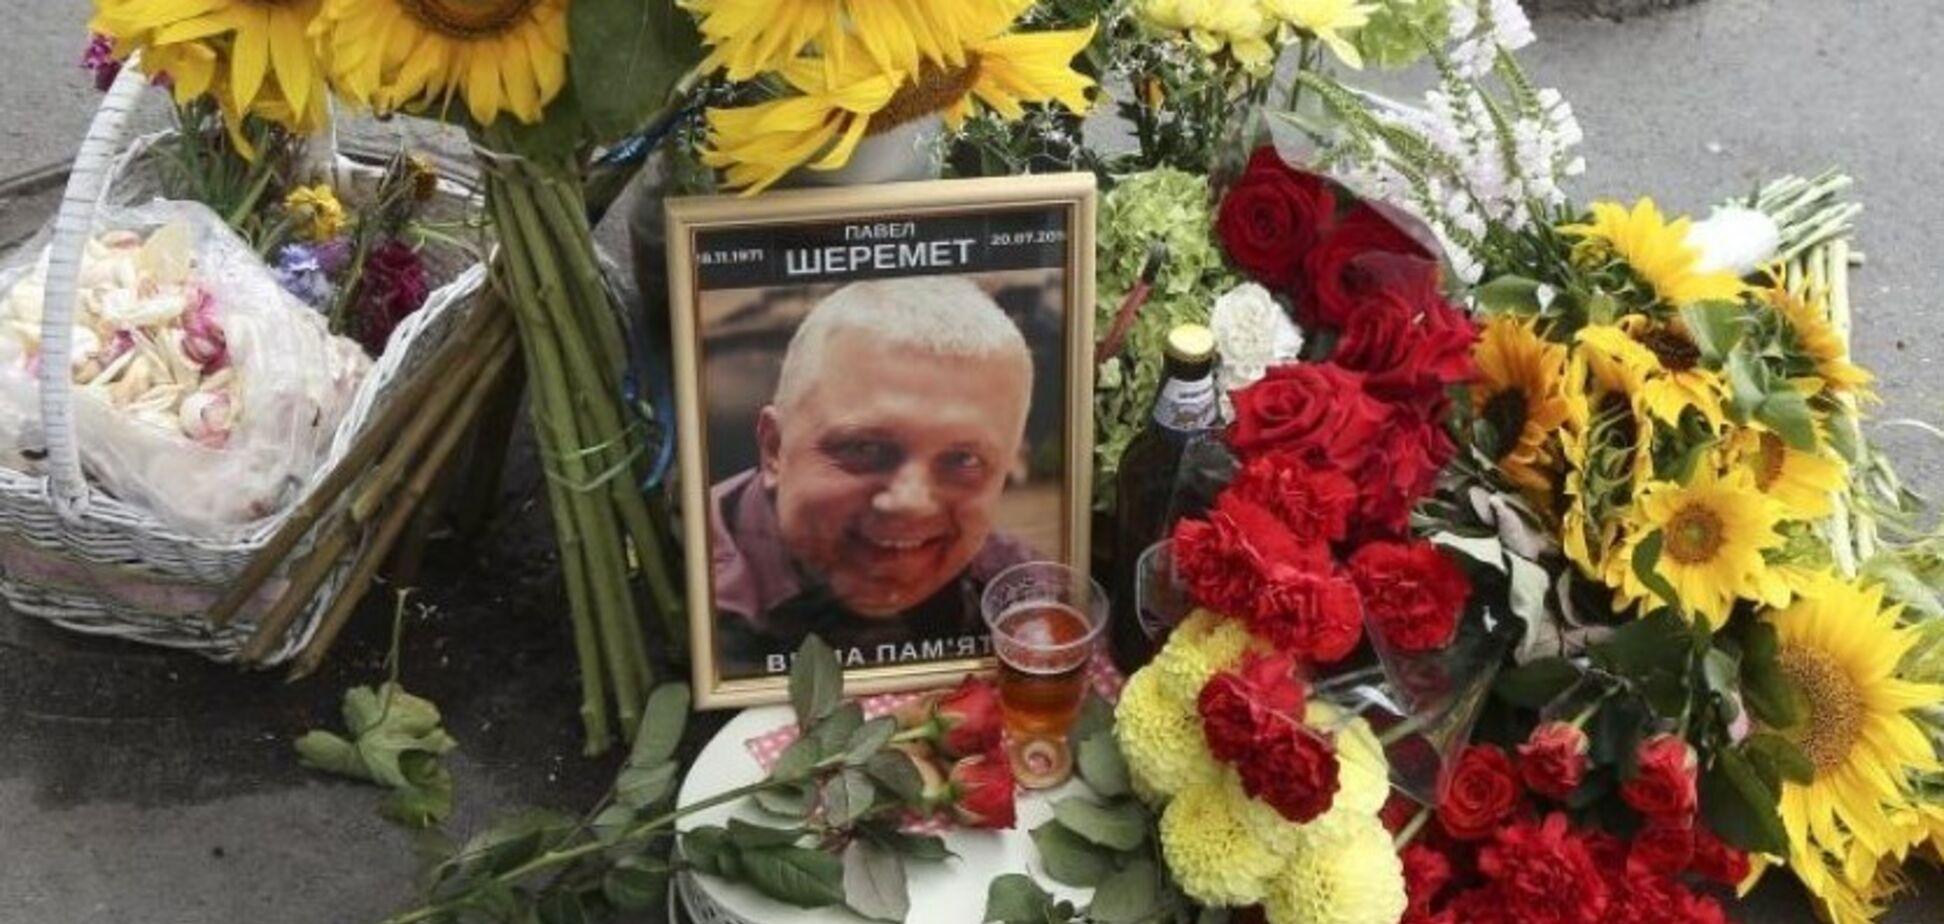 Вбивство Шеремета: ГПУ і поліція зайнялися перевіркою невинуватості підозрюваних